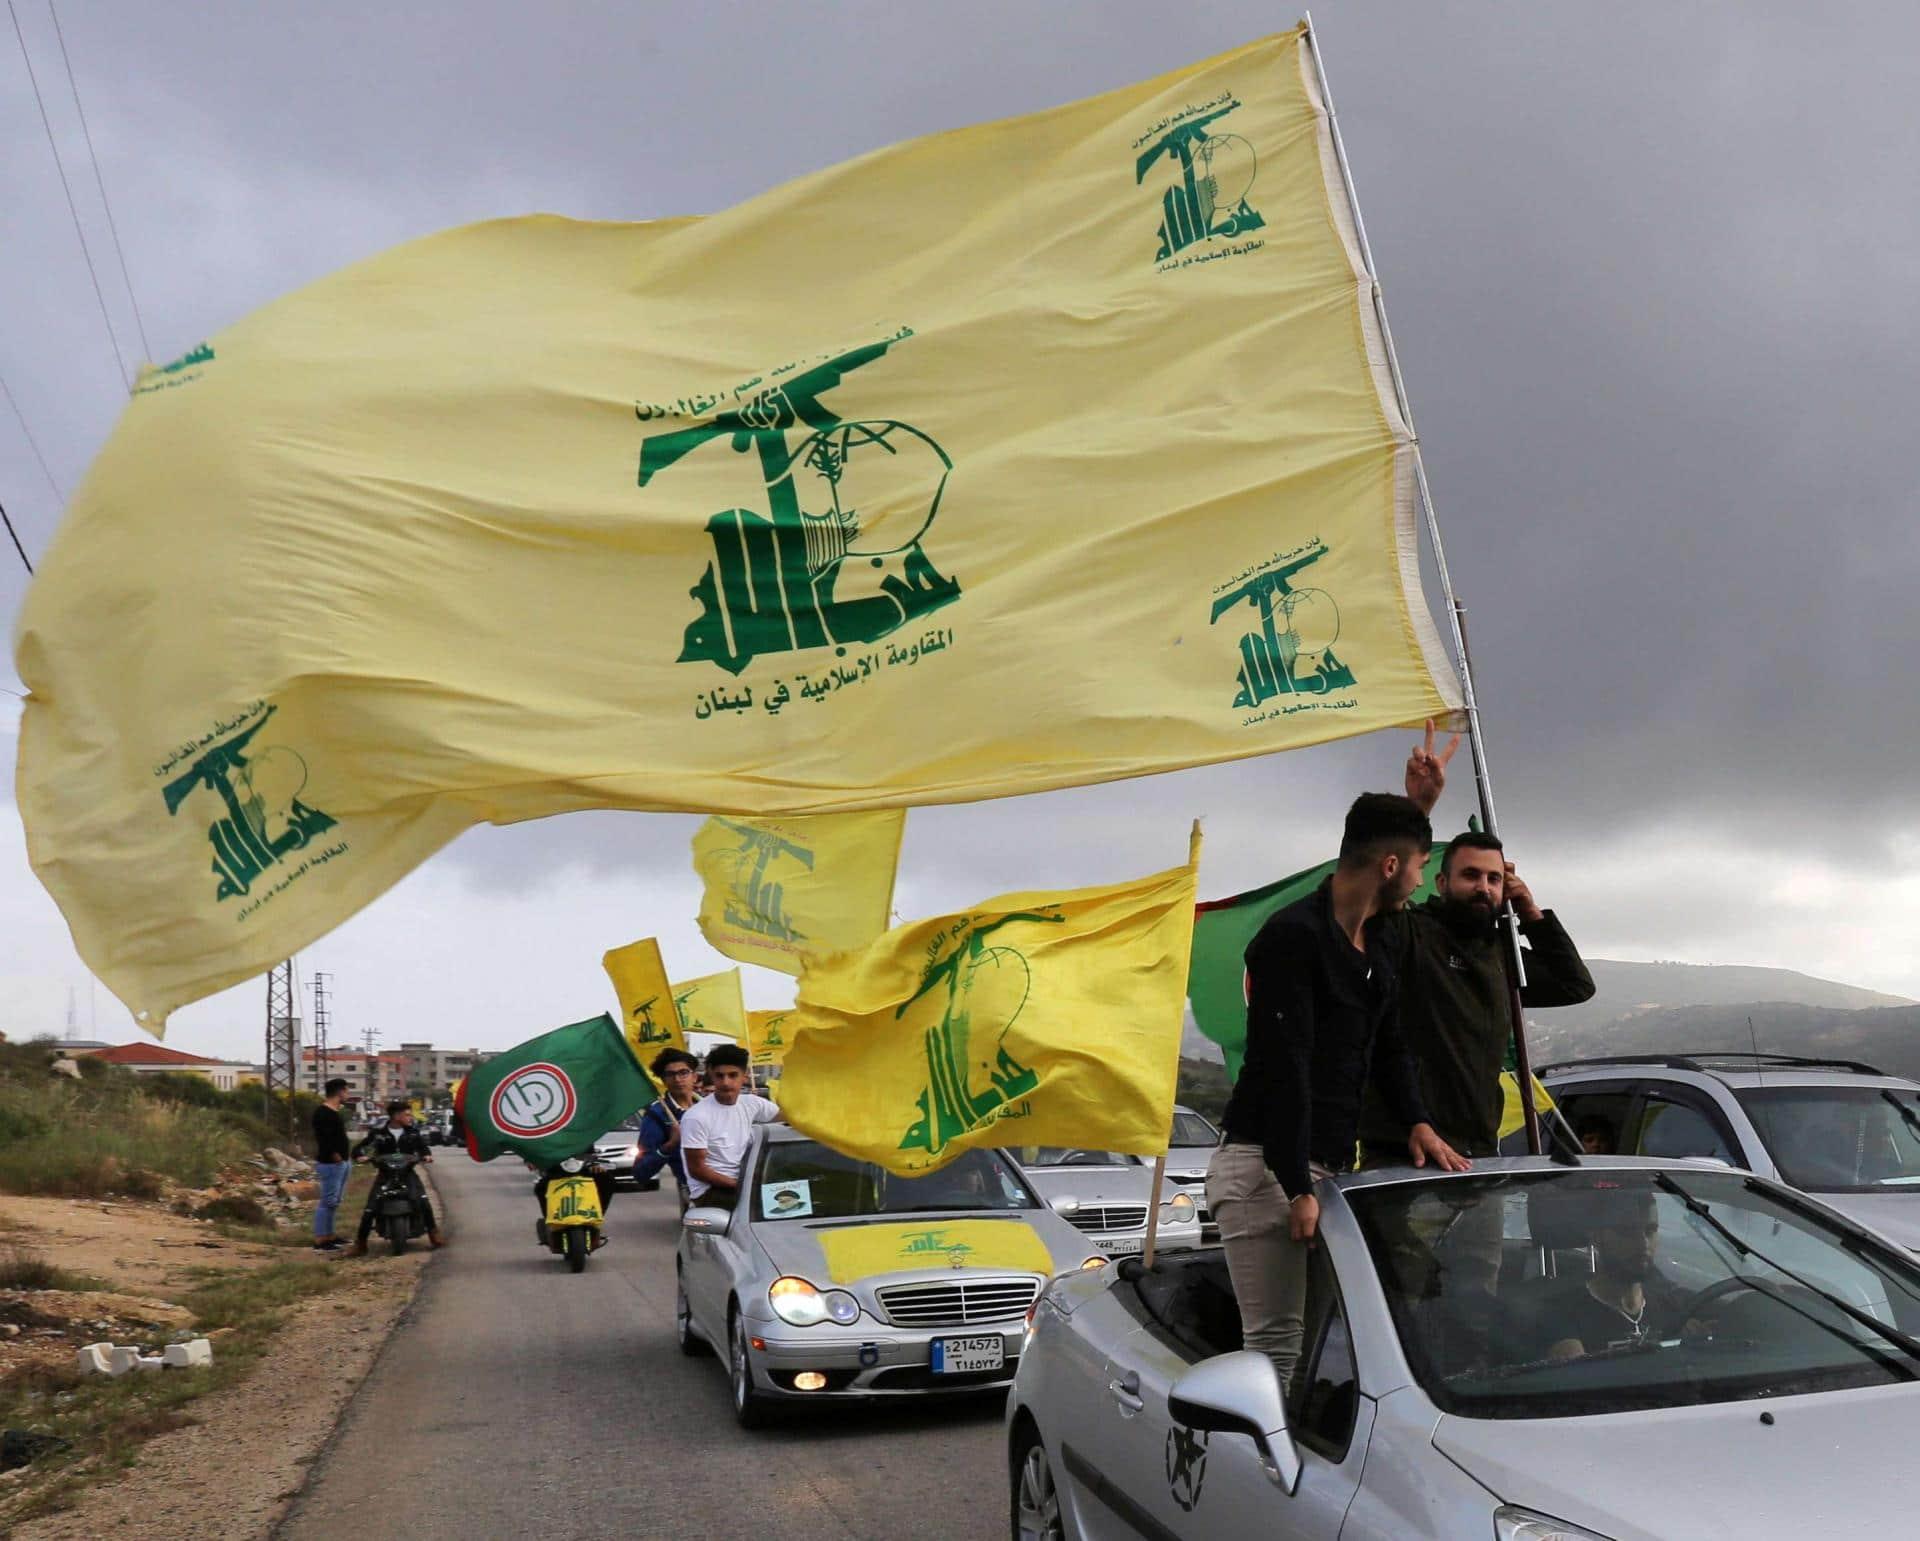 الانهيار وشيك.. حزب الله بدأ في تخزين كميات ضخمة من الأغذية والأدوية والوقود